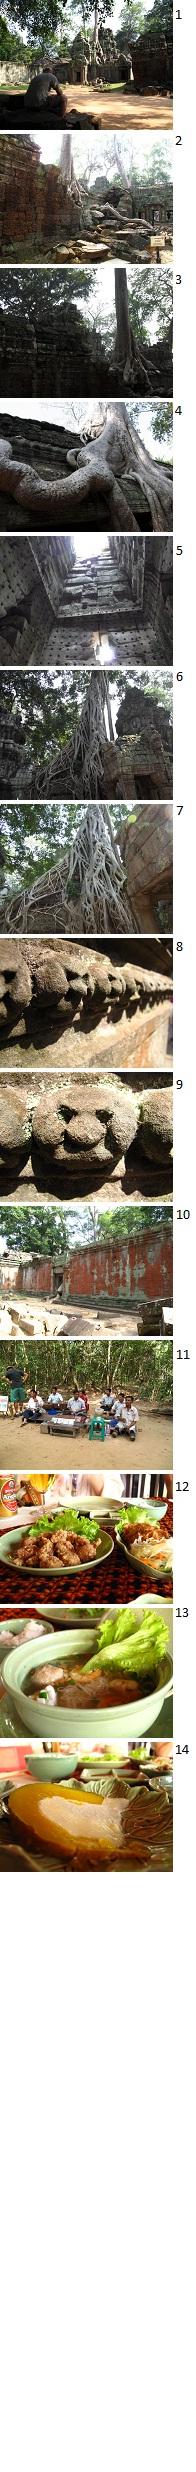 カンボジア6.jpg